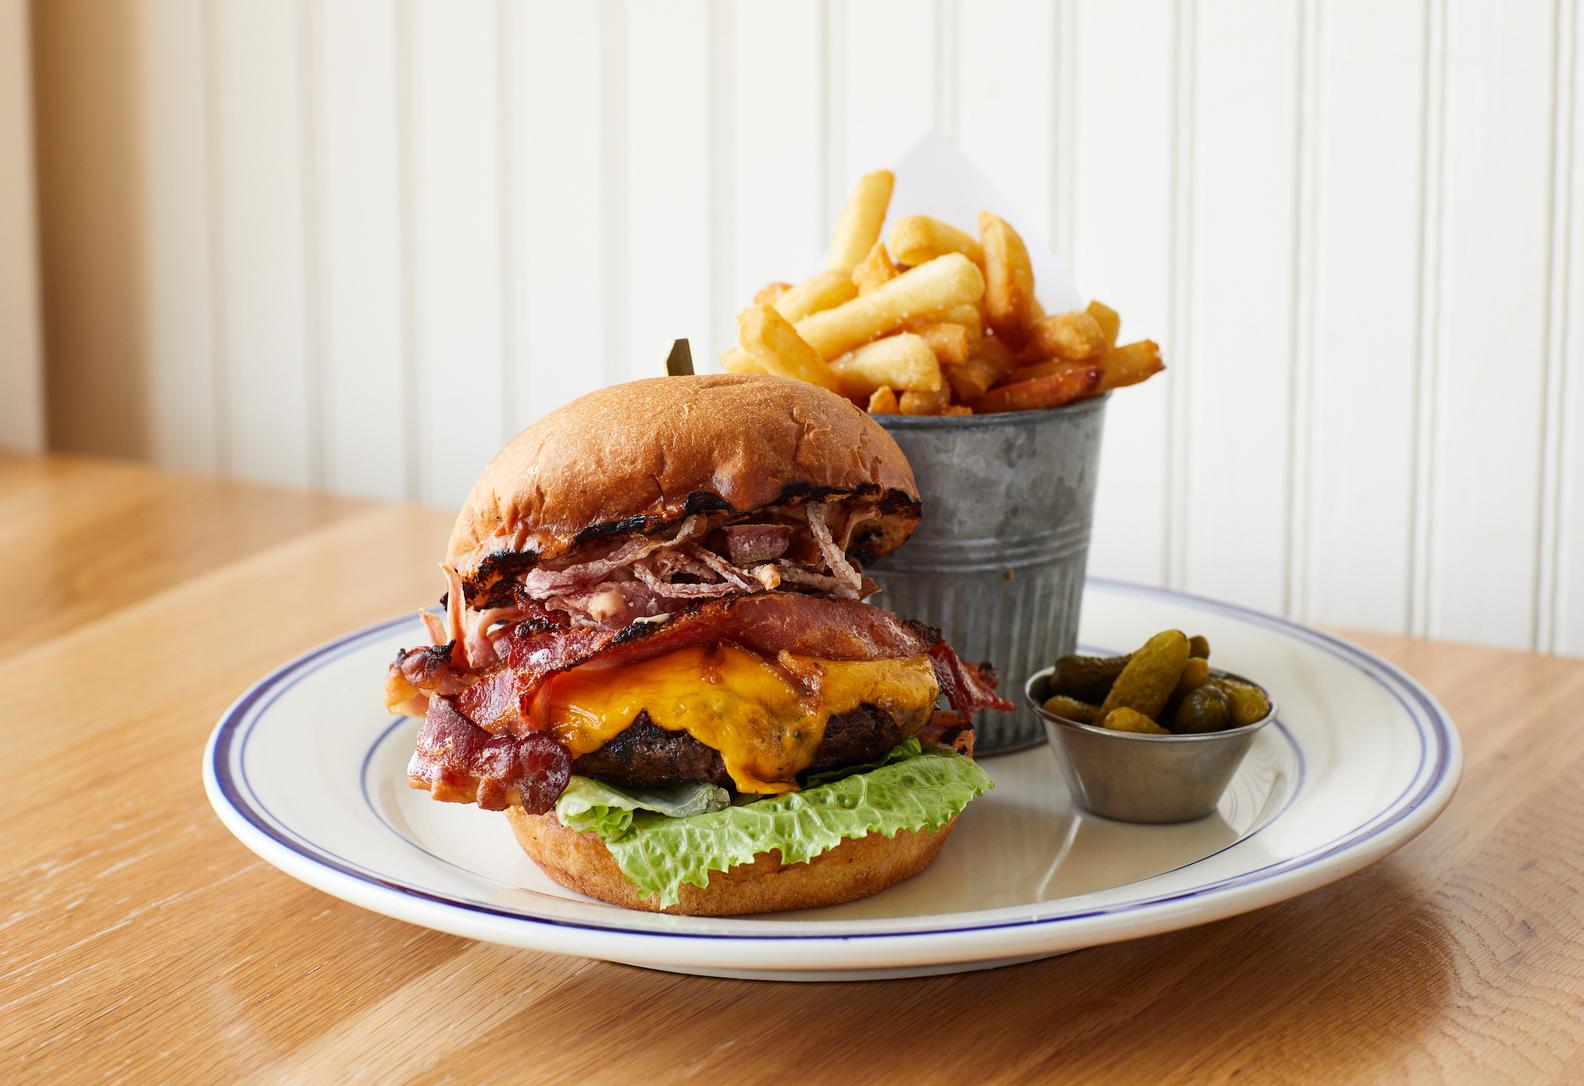 Grassfed Halyard Burger